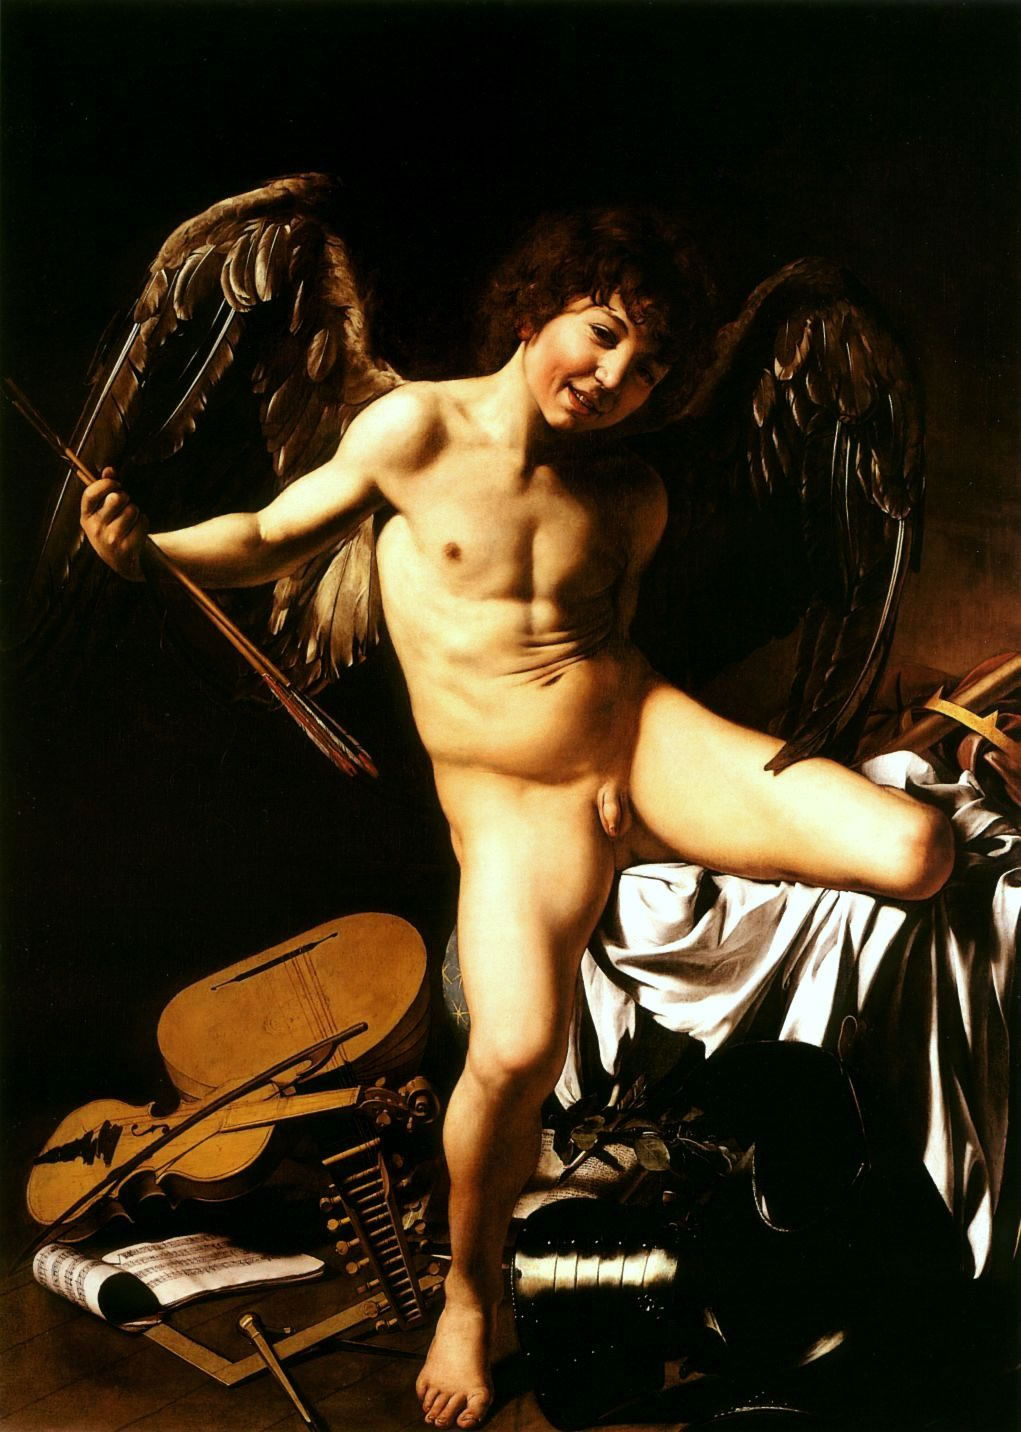 Caravaggio Michelangelo Merisi - Amor vincit omnia